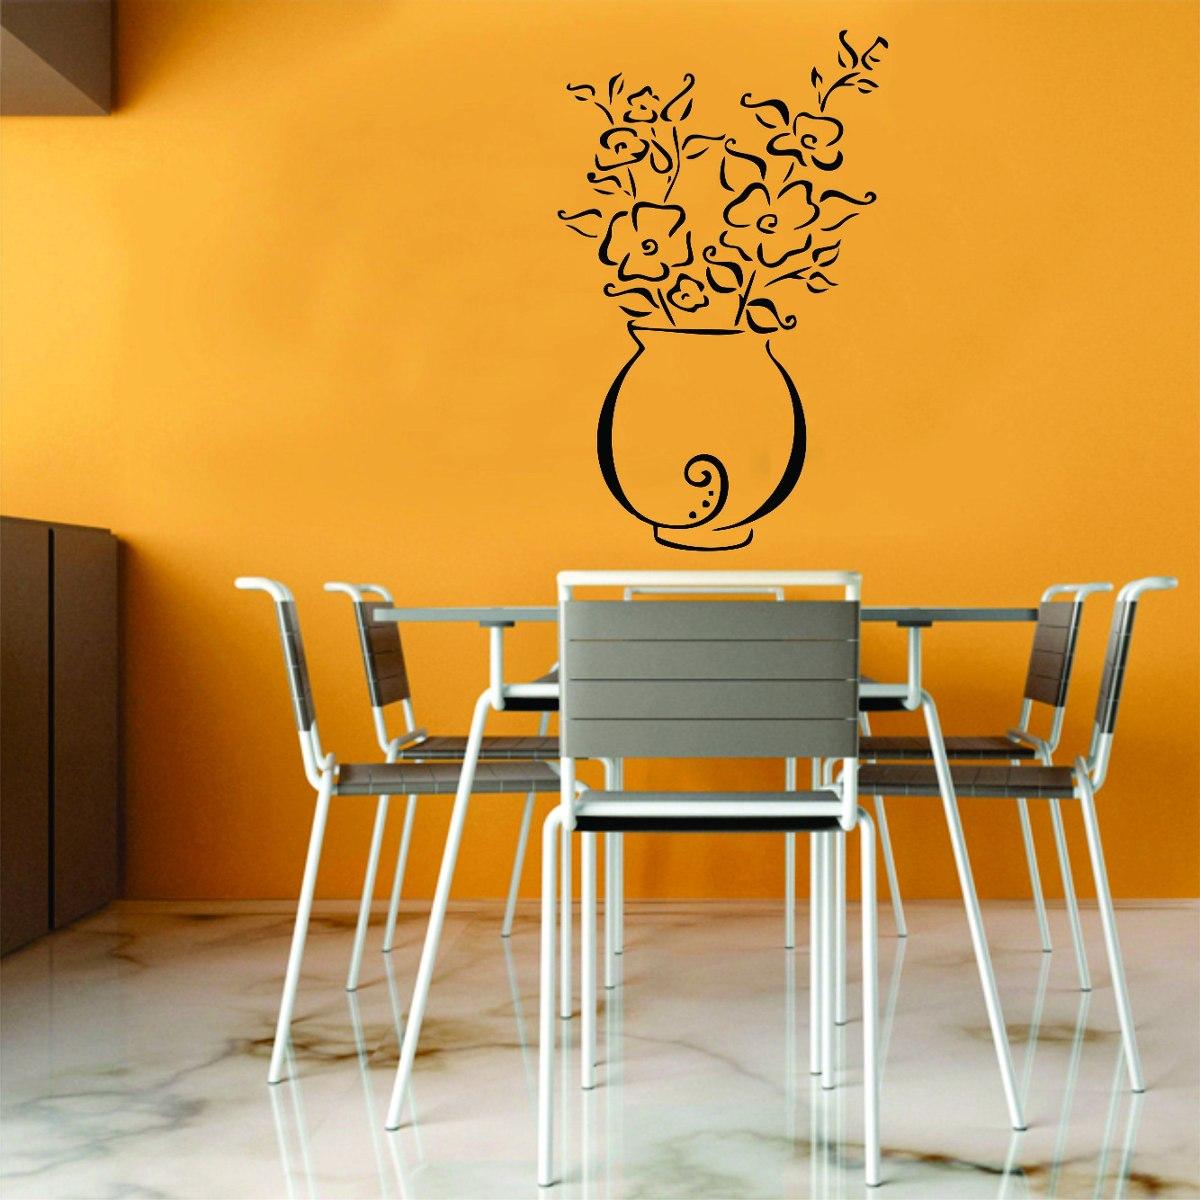 Adesivo De Parede Coruja ~ Adesivo Decorativo Parede Sala Cozinha Floral Vaso De Flor R$ 17,99 em Mercado Livre